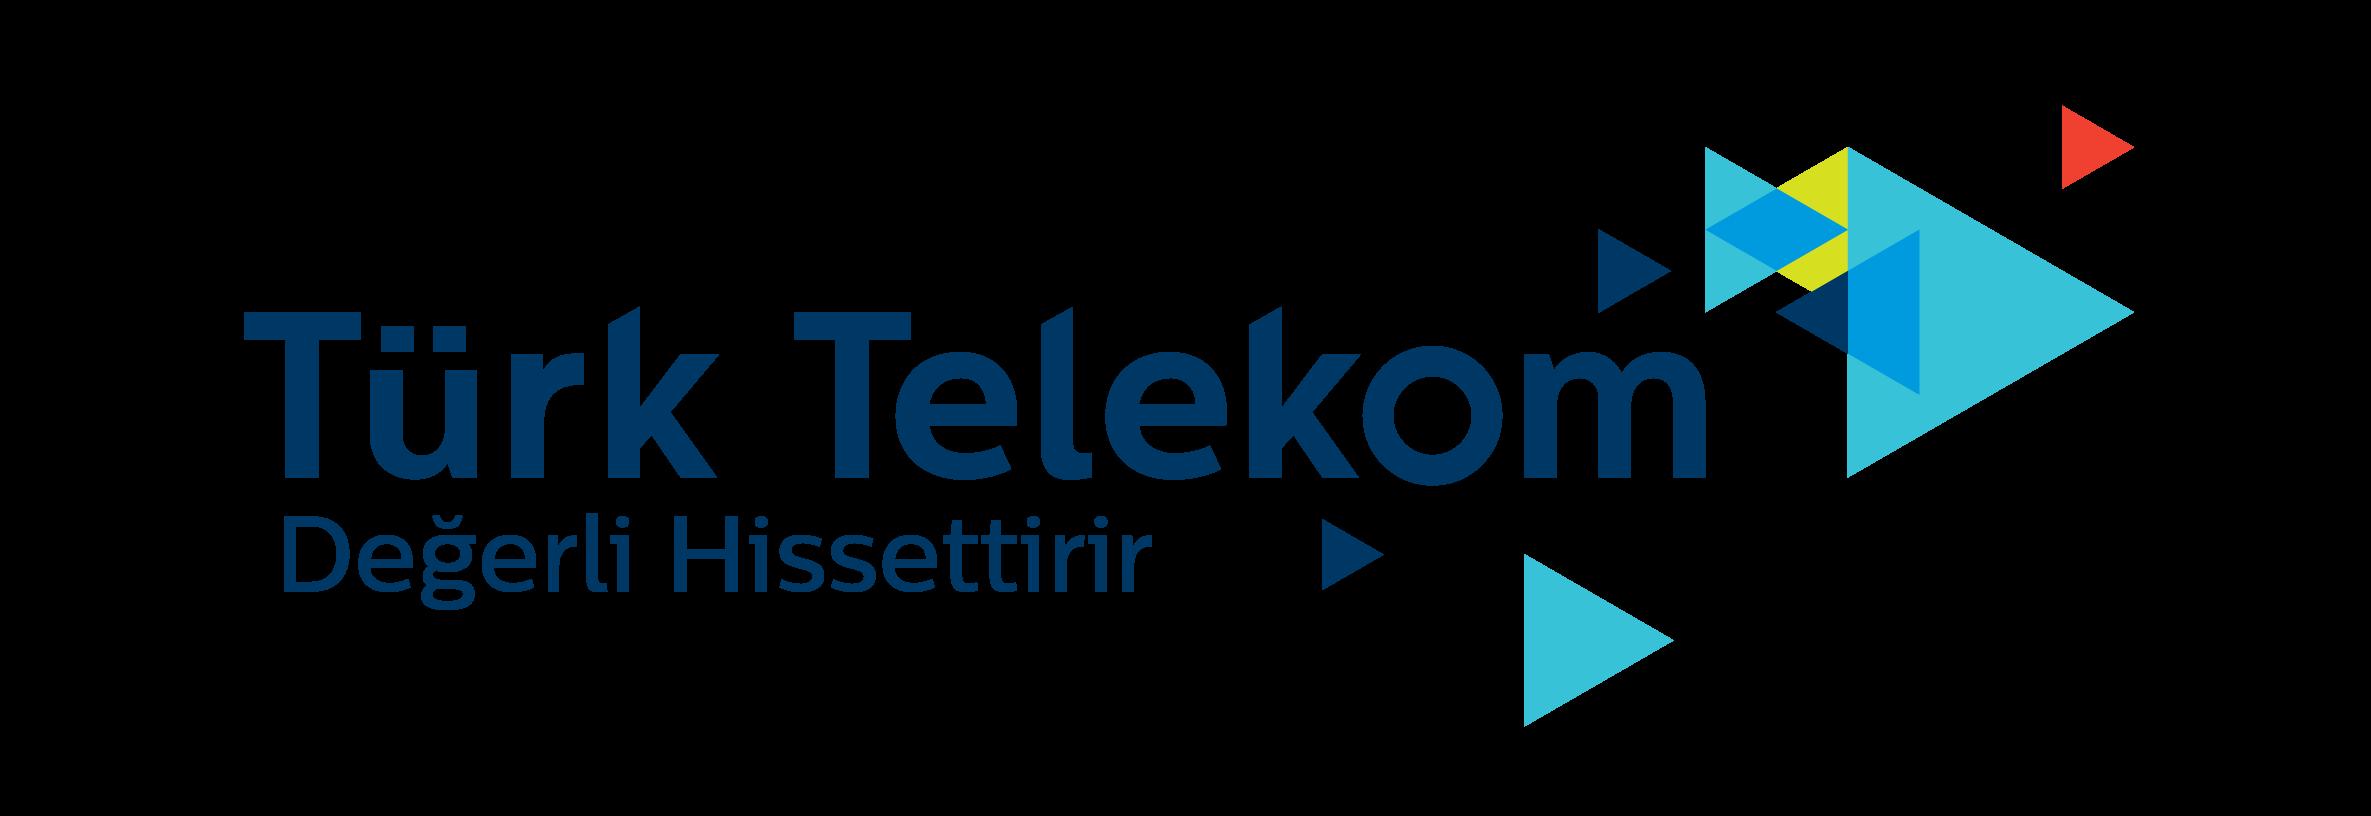 TT DEGERLI LOGO CMYK 01 https://huglero.com/turkcell-vodafone-ucretsiz-hat-tasima/ 2021'de Hangi Operatöre Geçmek Gerek? Türk Telekom, Turkcell ya da Vodafone ücretsiz hat taşıma kampanyalarına bakmadan önce bilmeniz gerekenler neler? Hattımı taşımalı mıyım, ya da hangi operatöre numaramı taşımalıyım diyorsanız, mobil şirket tavsiyesi arıyorsanız, işte operatörlerin teknik yeterlilikleri.